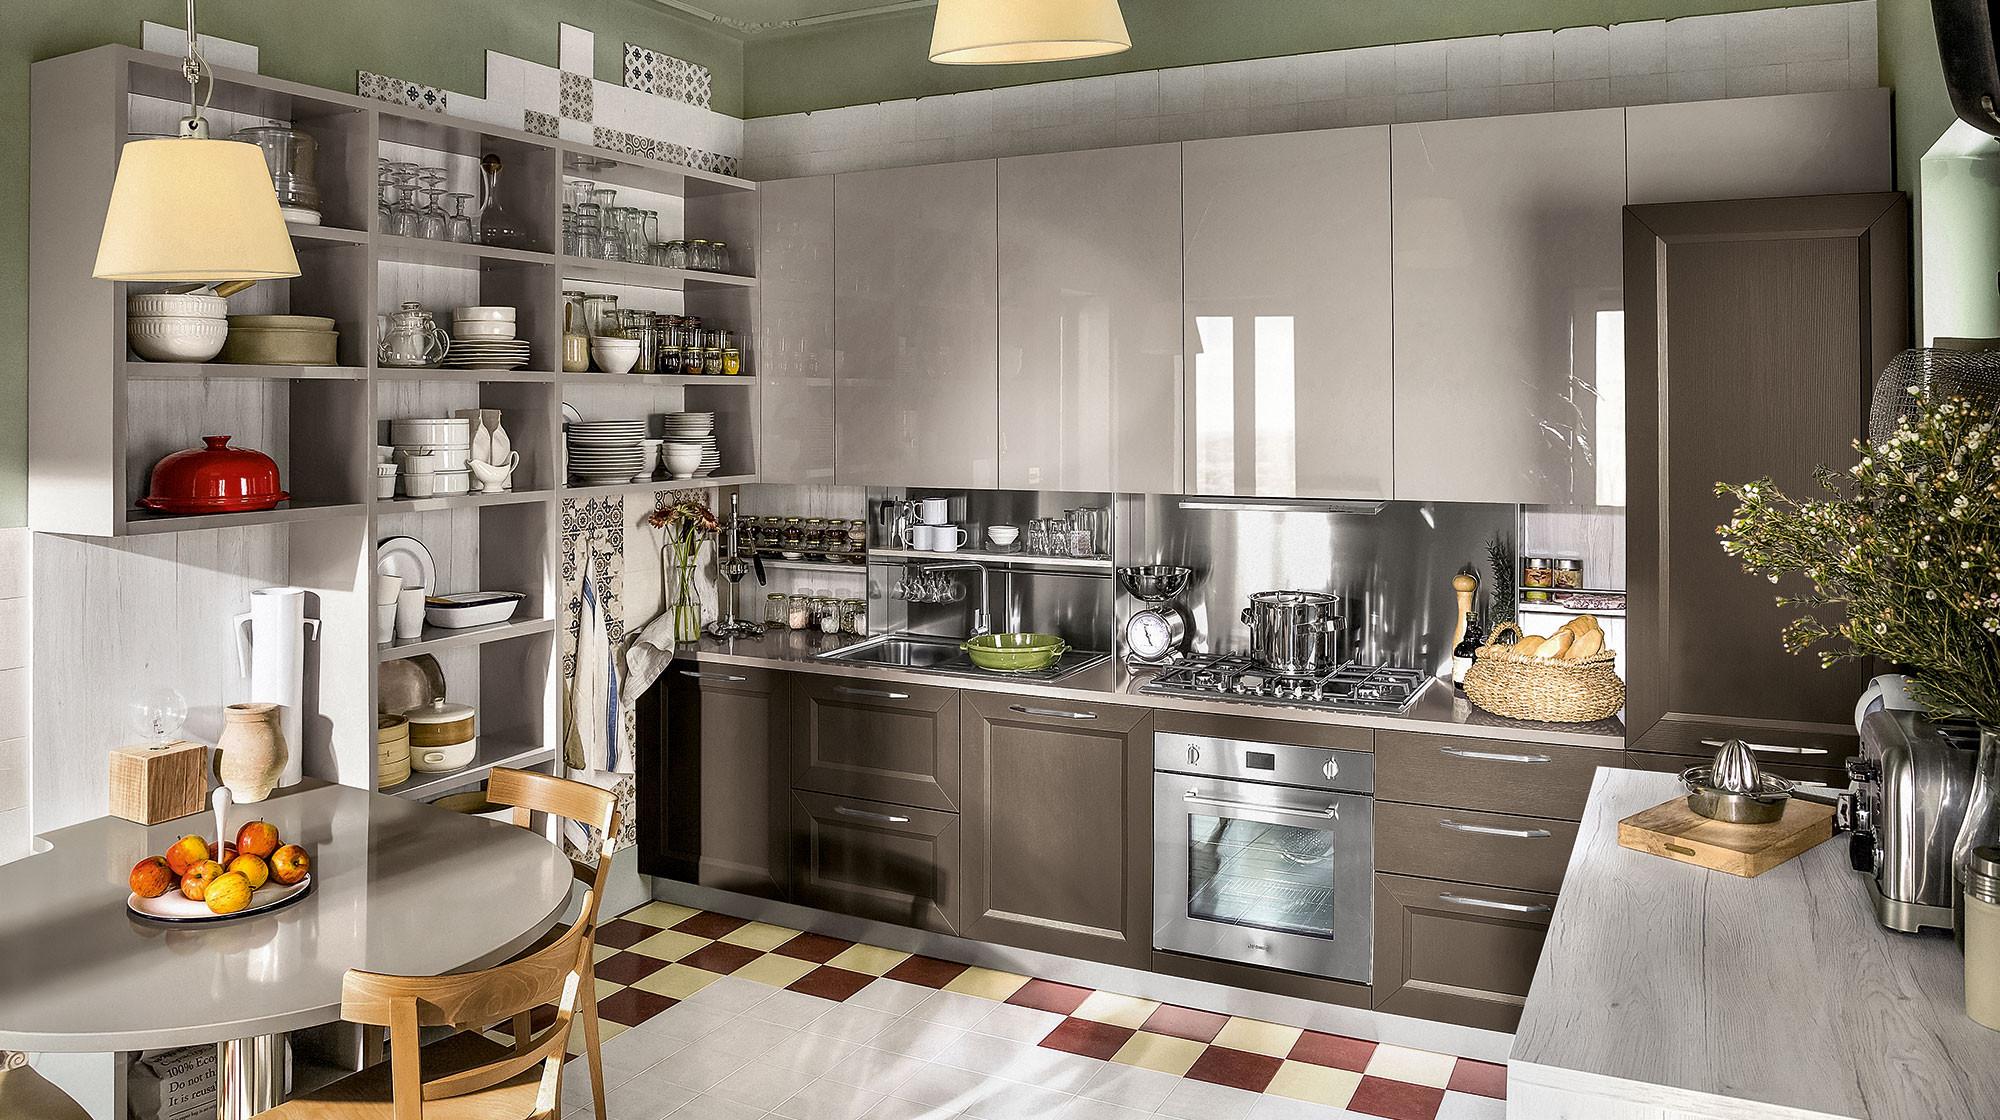 Cucina Tablet Veneta Cucine.Cucina Tablet Veneta Cucine